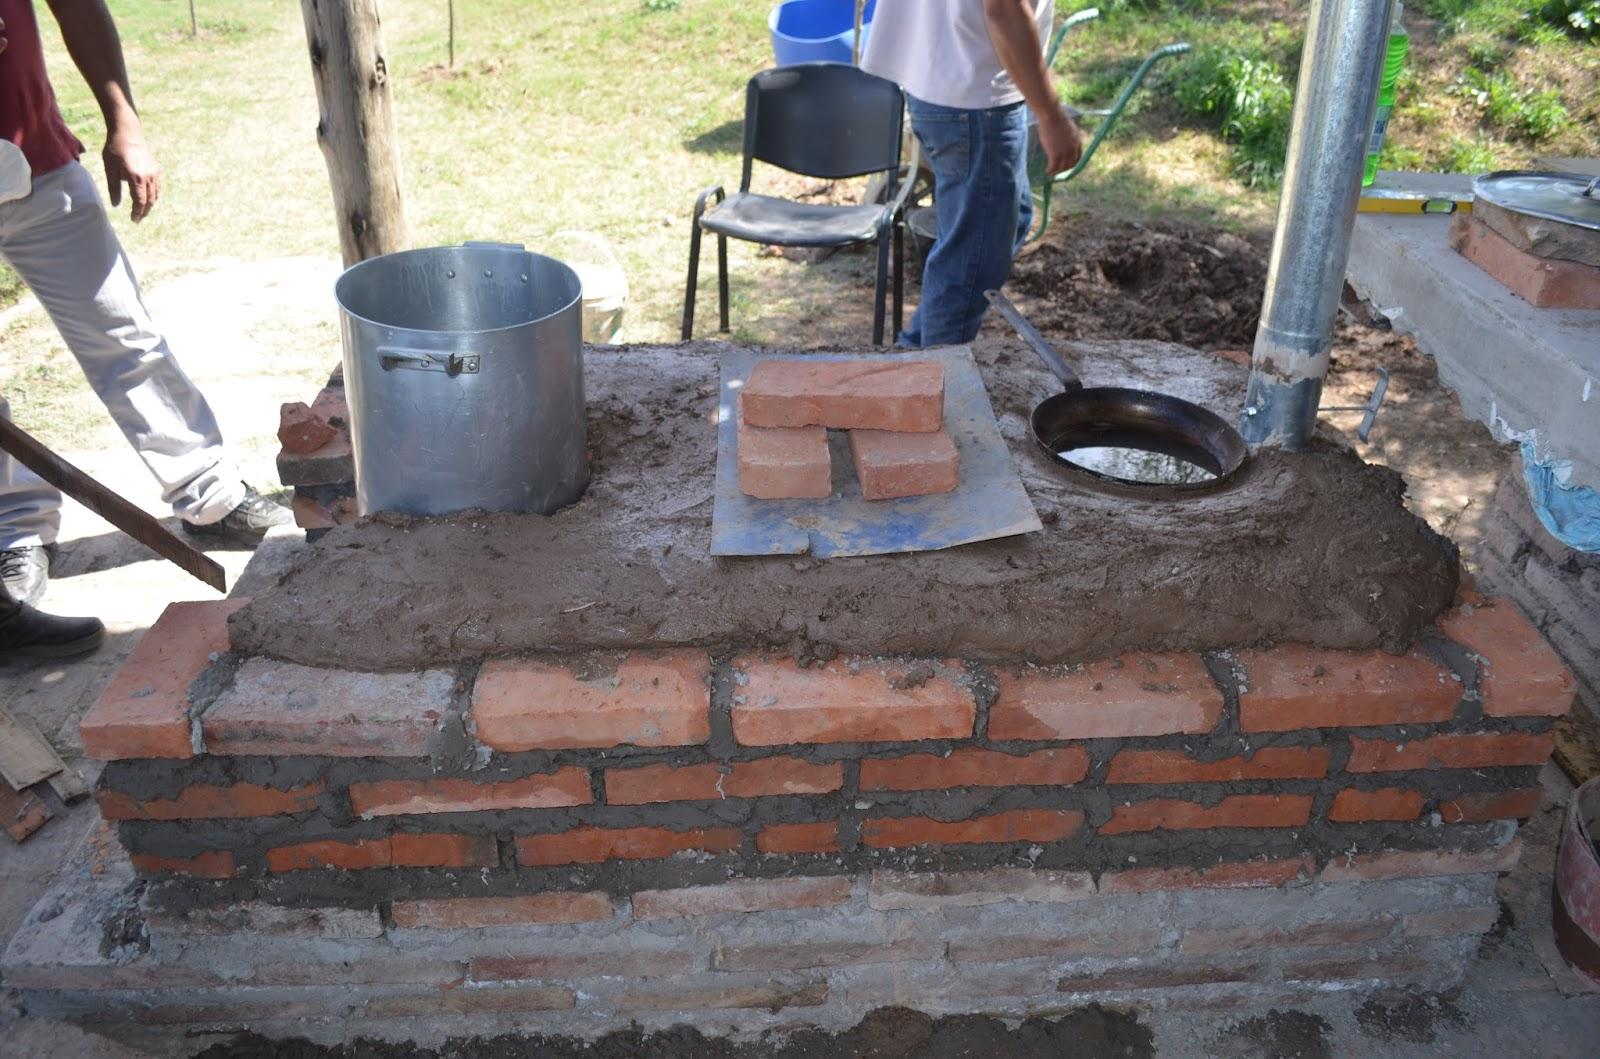 Taller de cocina ahorradora de le a en el cda centro for Cocina ecologica de lena